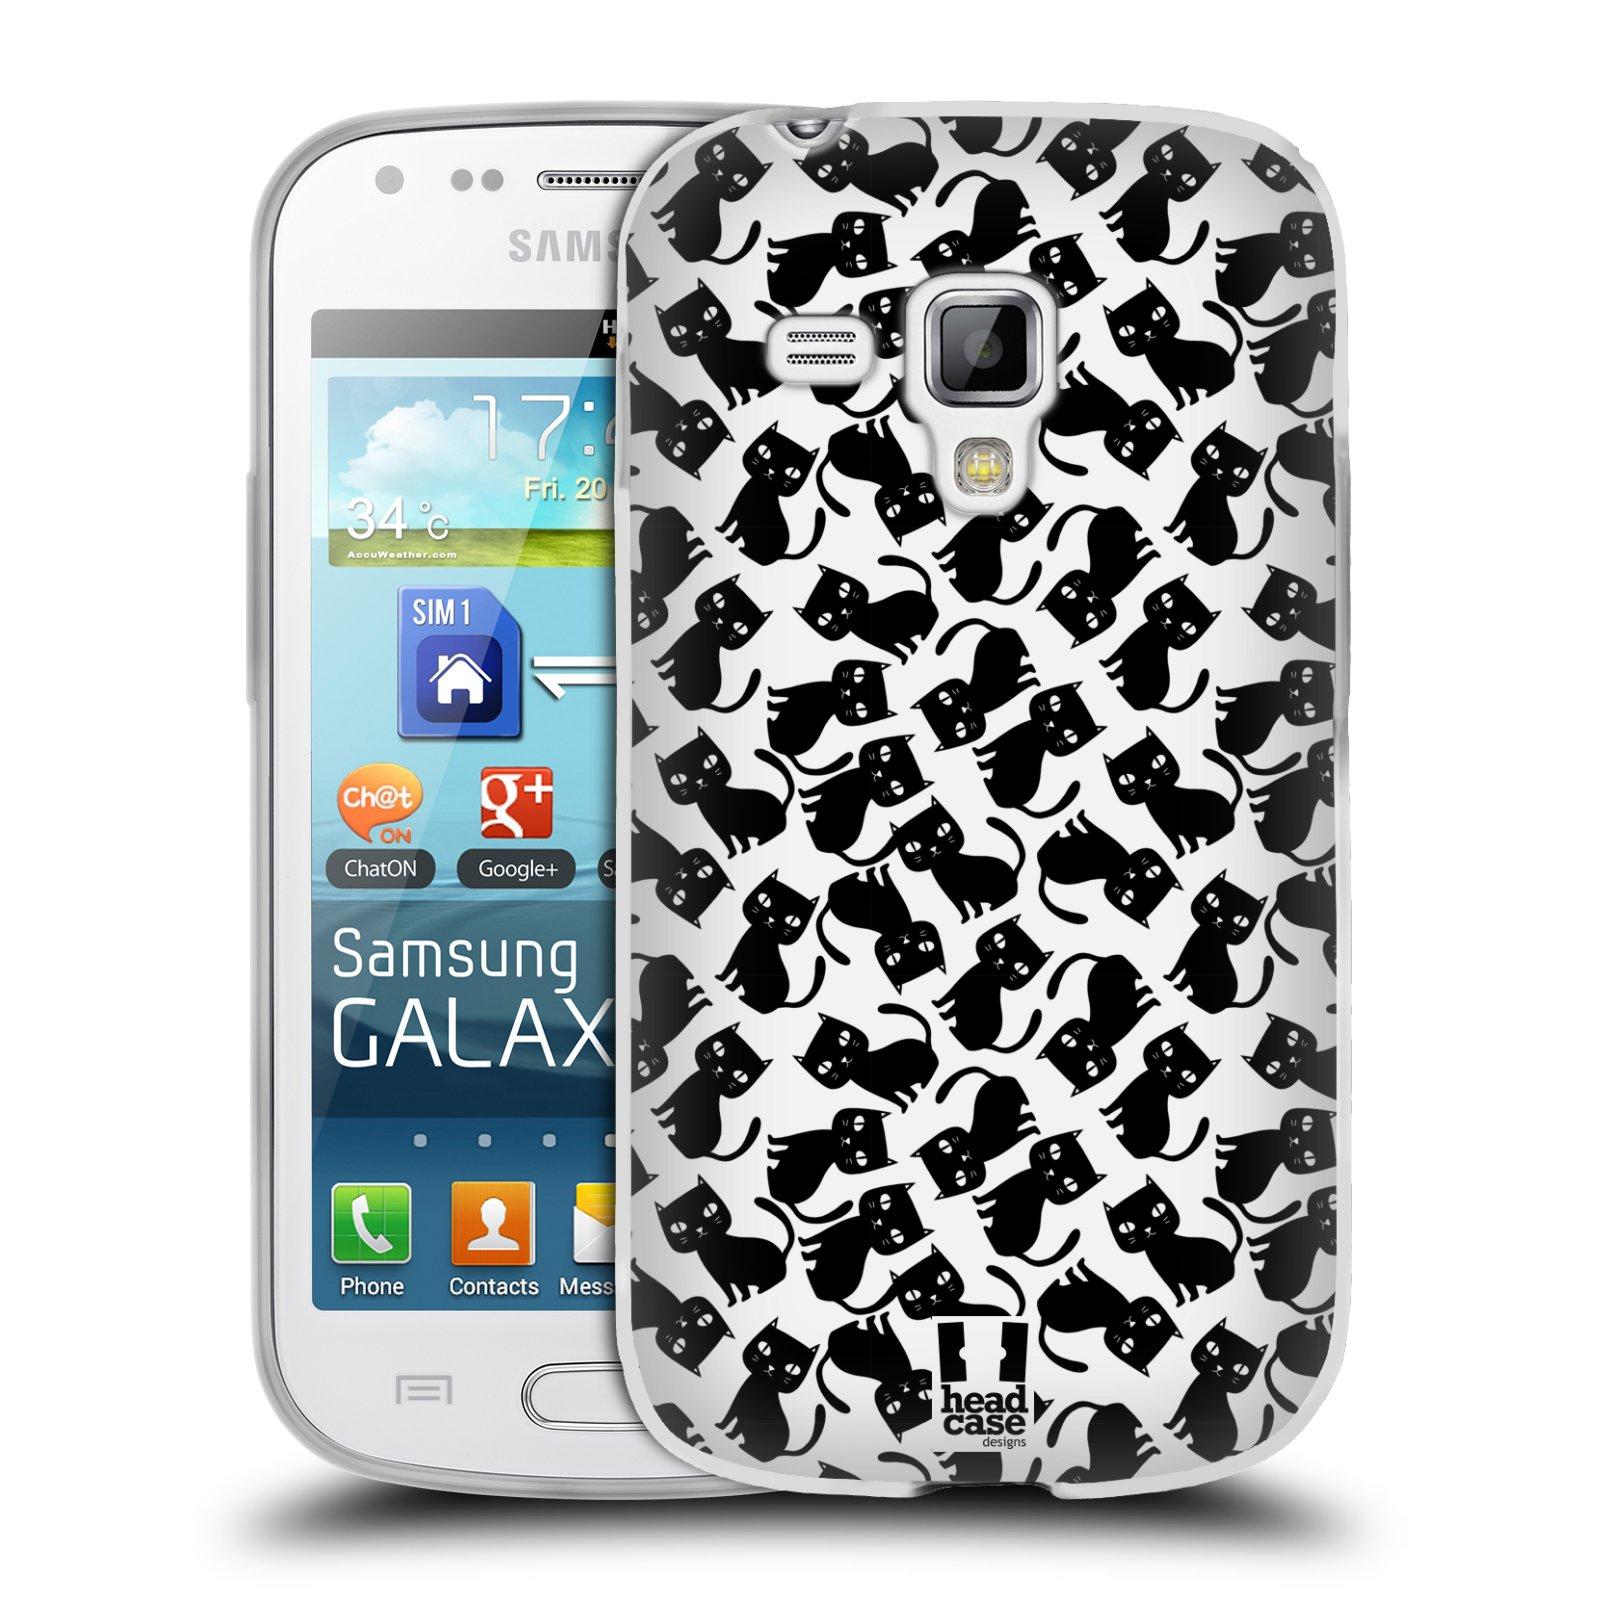 Silikonové pouzdro na mobil Samsung Galaxy S Duos HEAD CASE KOČKY Black Pattern (Silikonový kryt či obal na mobilní telefon Samsung Galaxy S Duos GT-S7562)